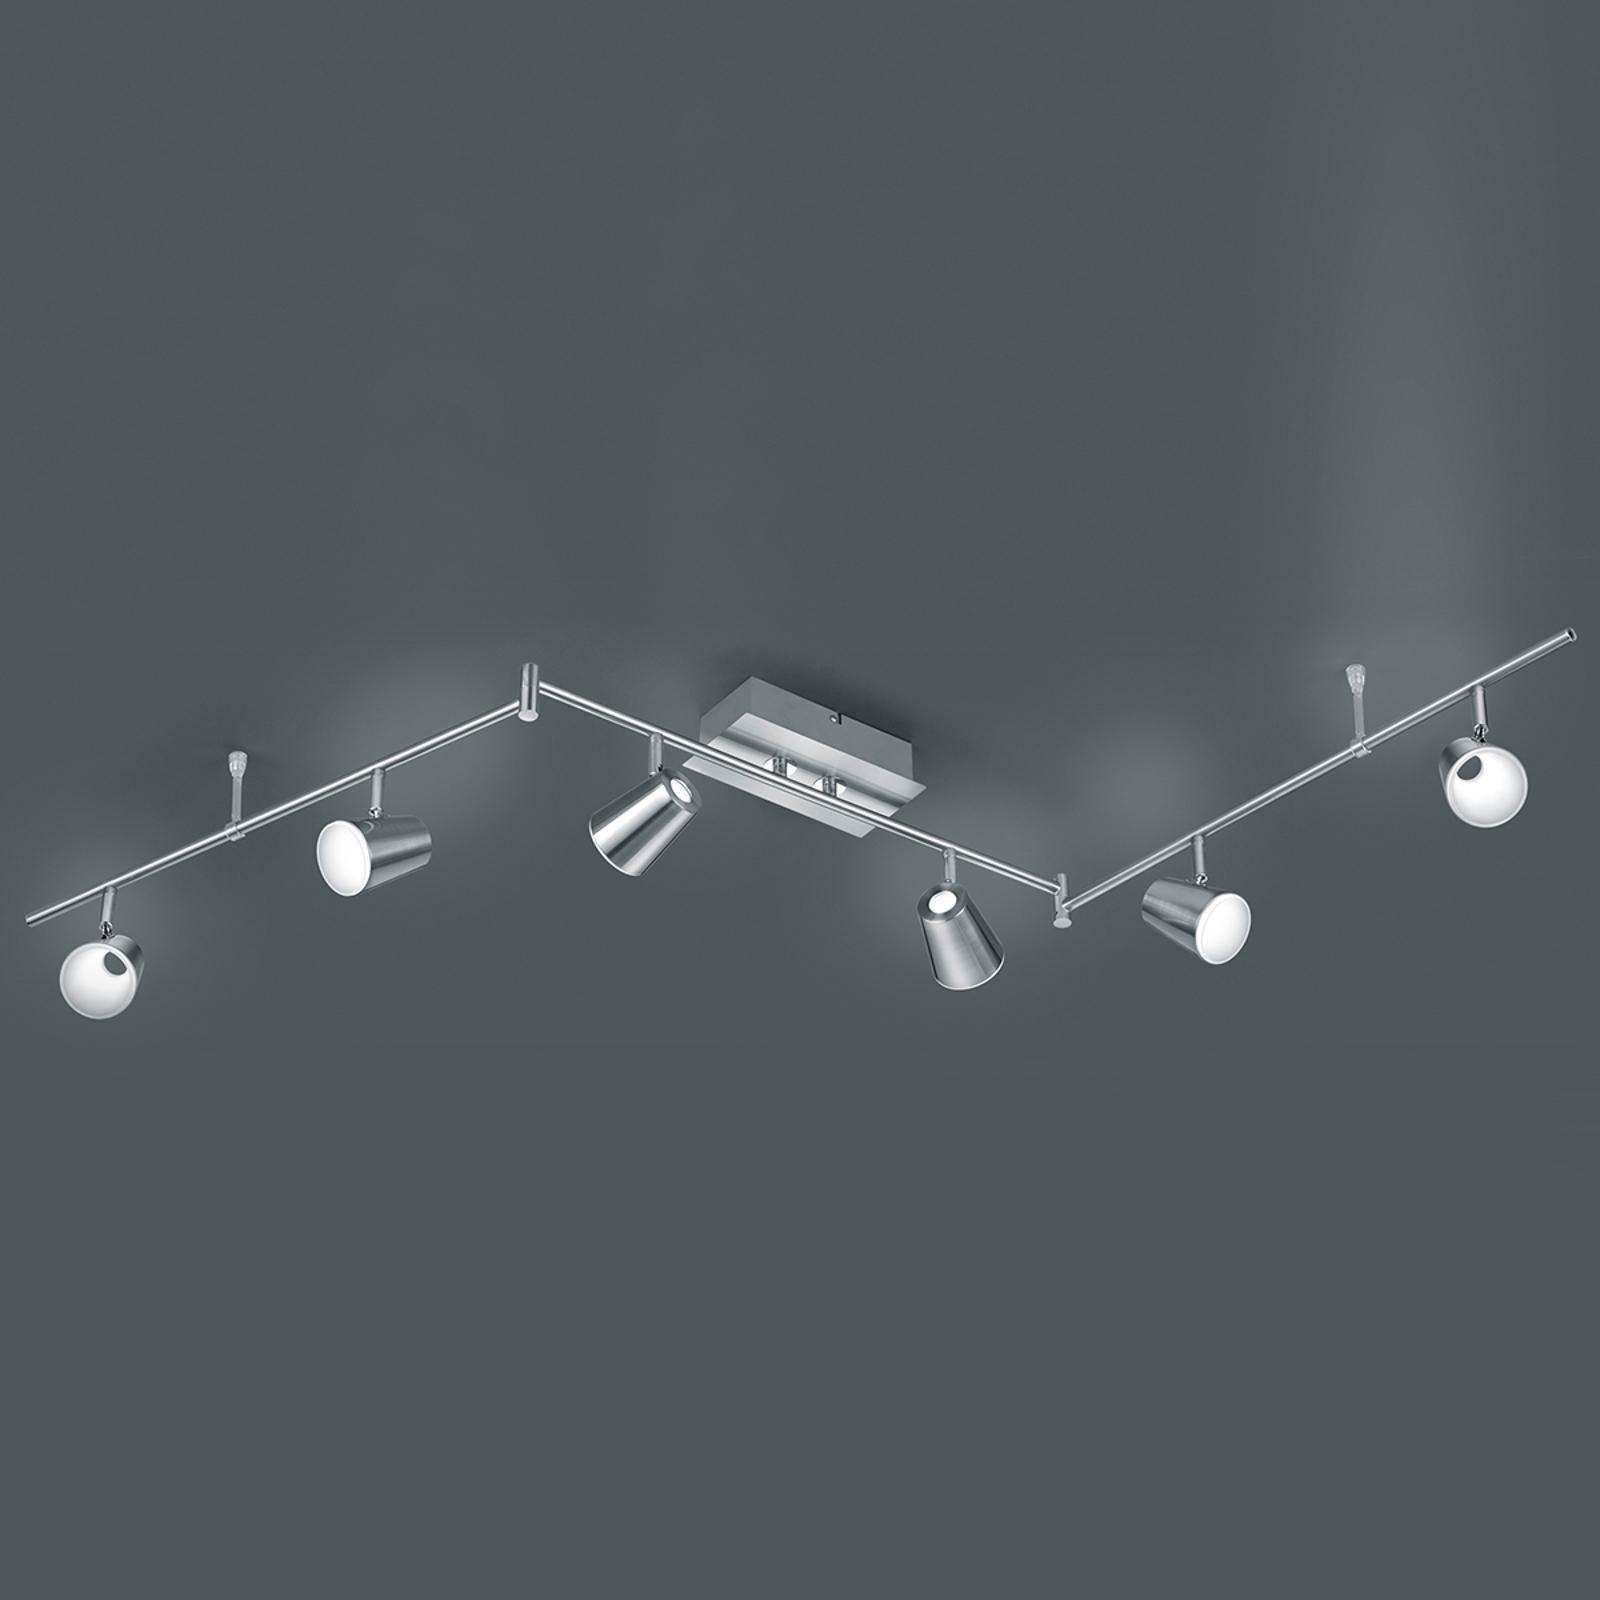 Lampa sufitowa LED Narcos z ramionami